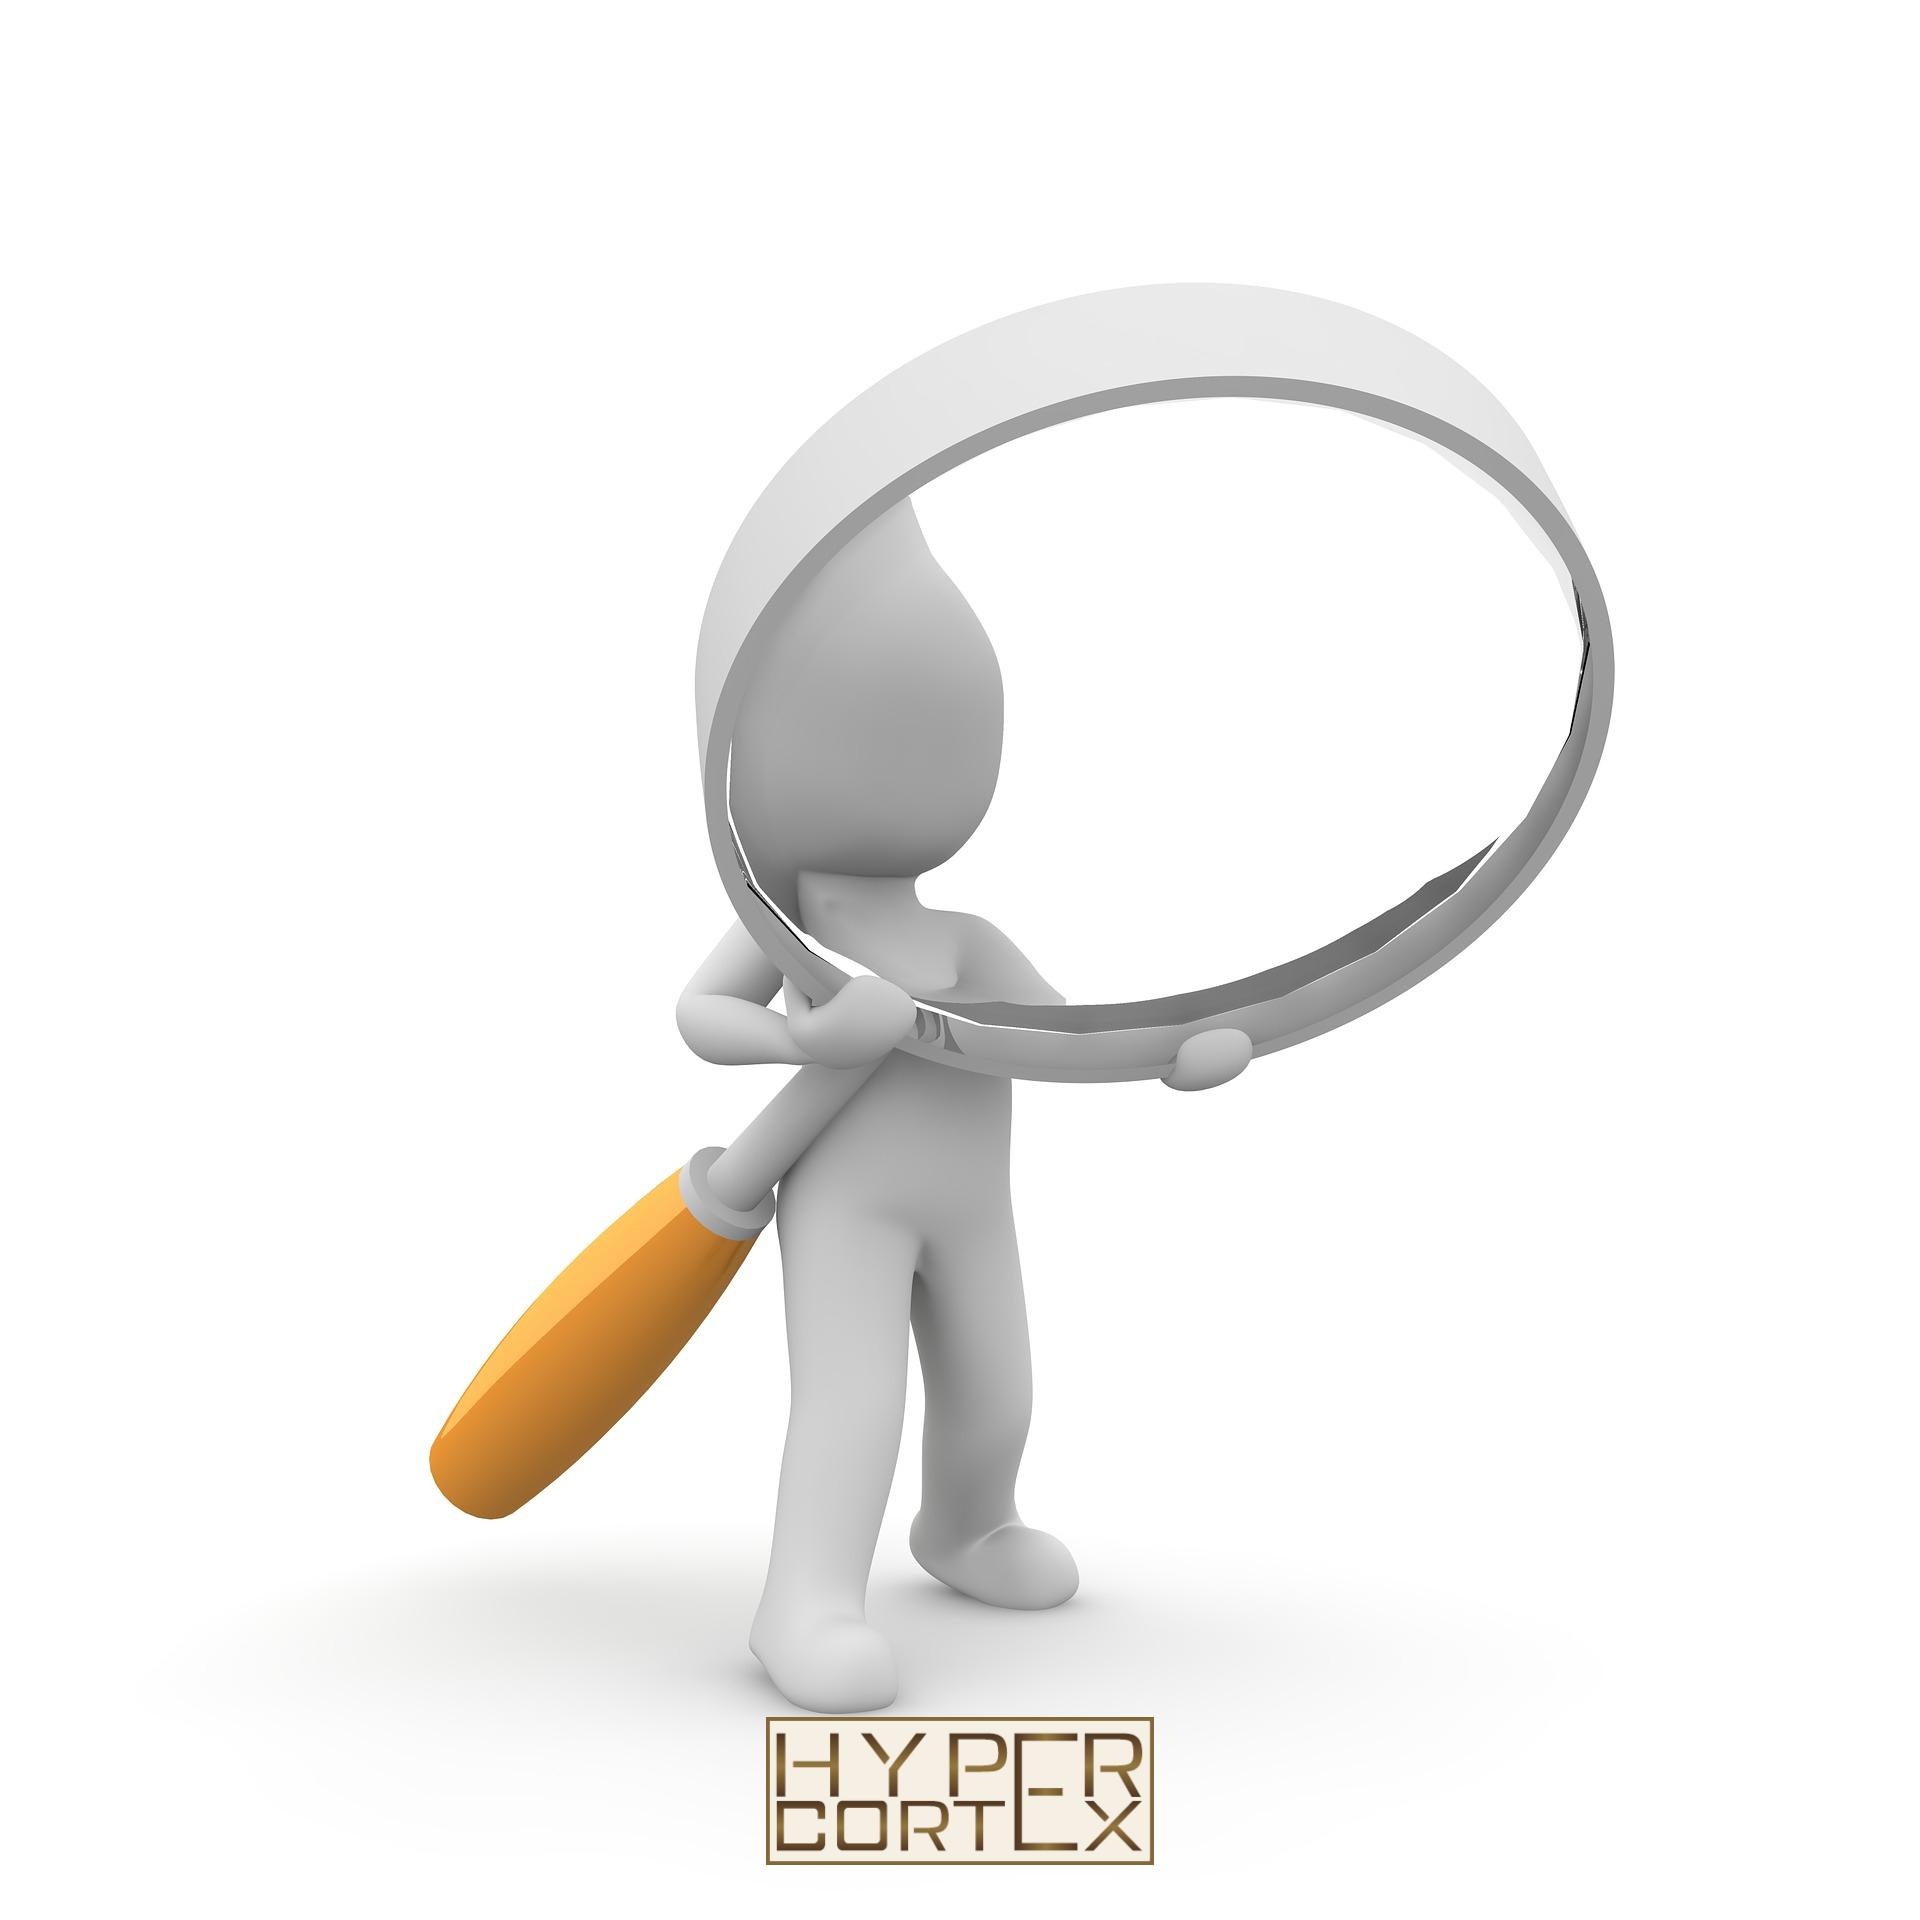 Hogyan lehet ellenőrizni, hogy a jogviszonyokkal kapcsolatos adatszolgáltatási kötelezettség megtörtént?